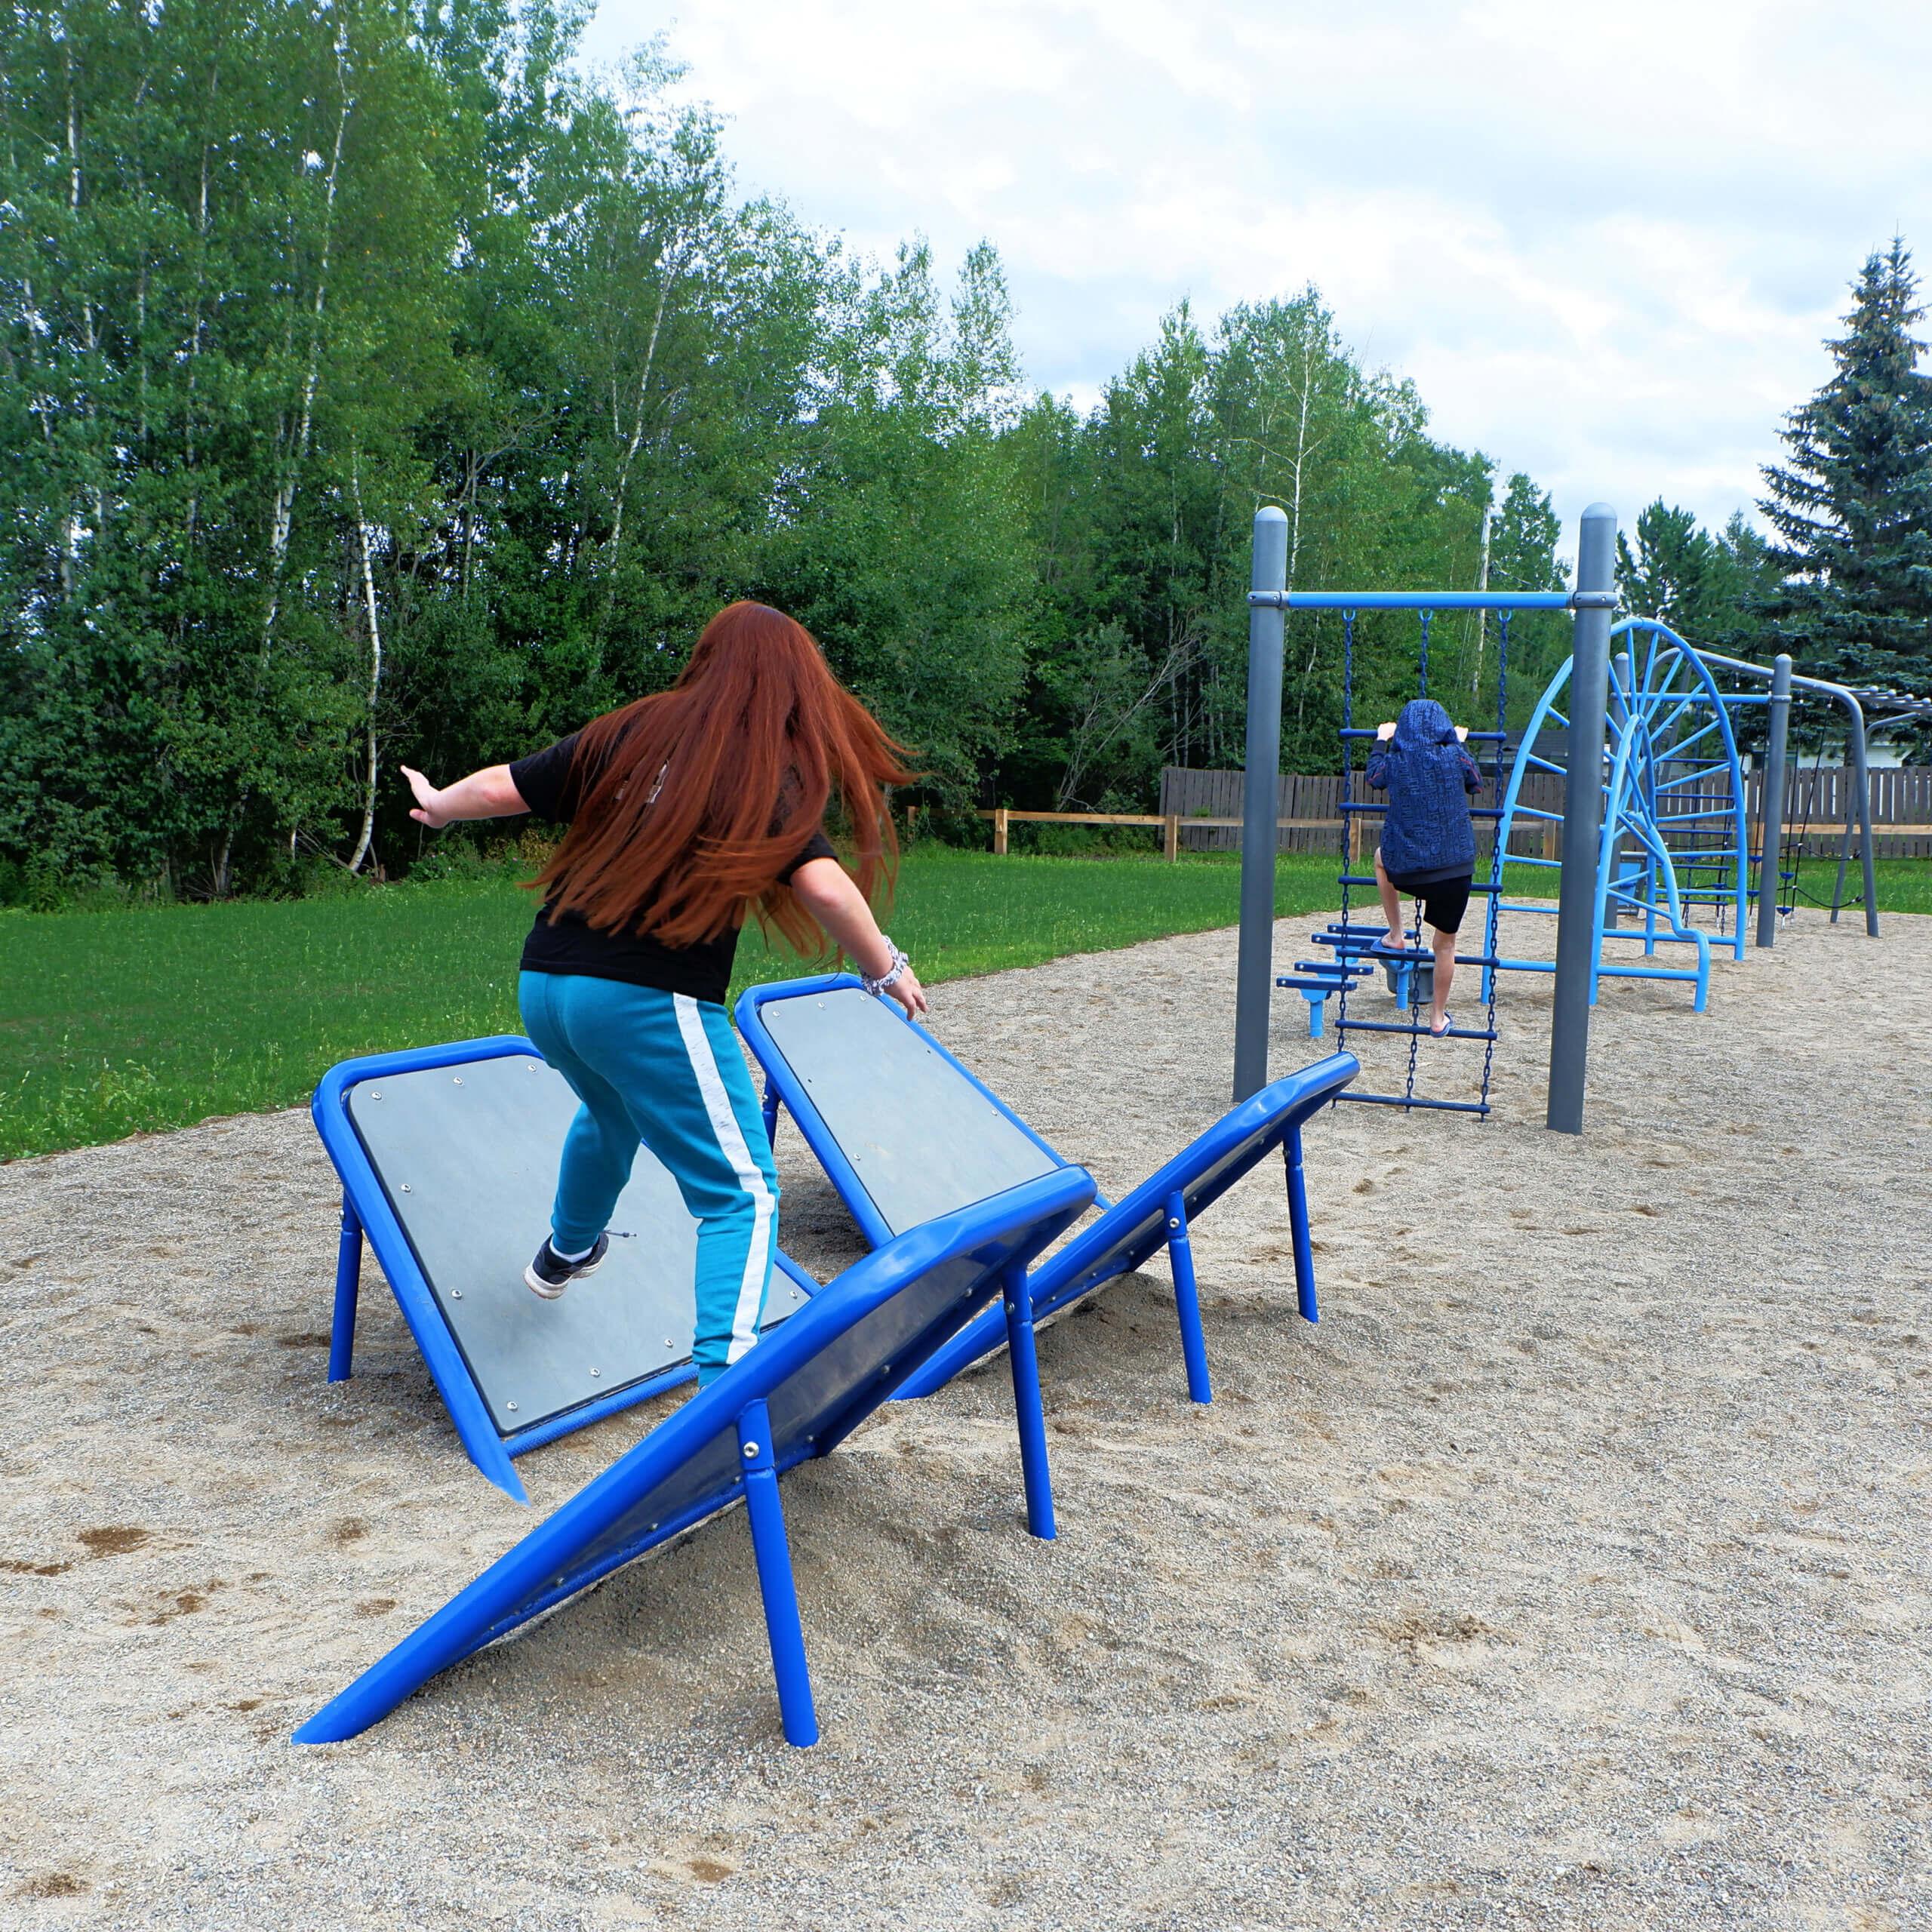 riverview parkour pump track pickle planet moncton playground course kids